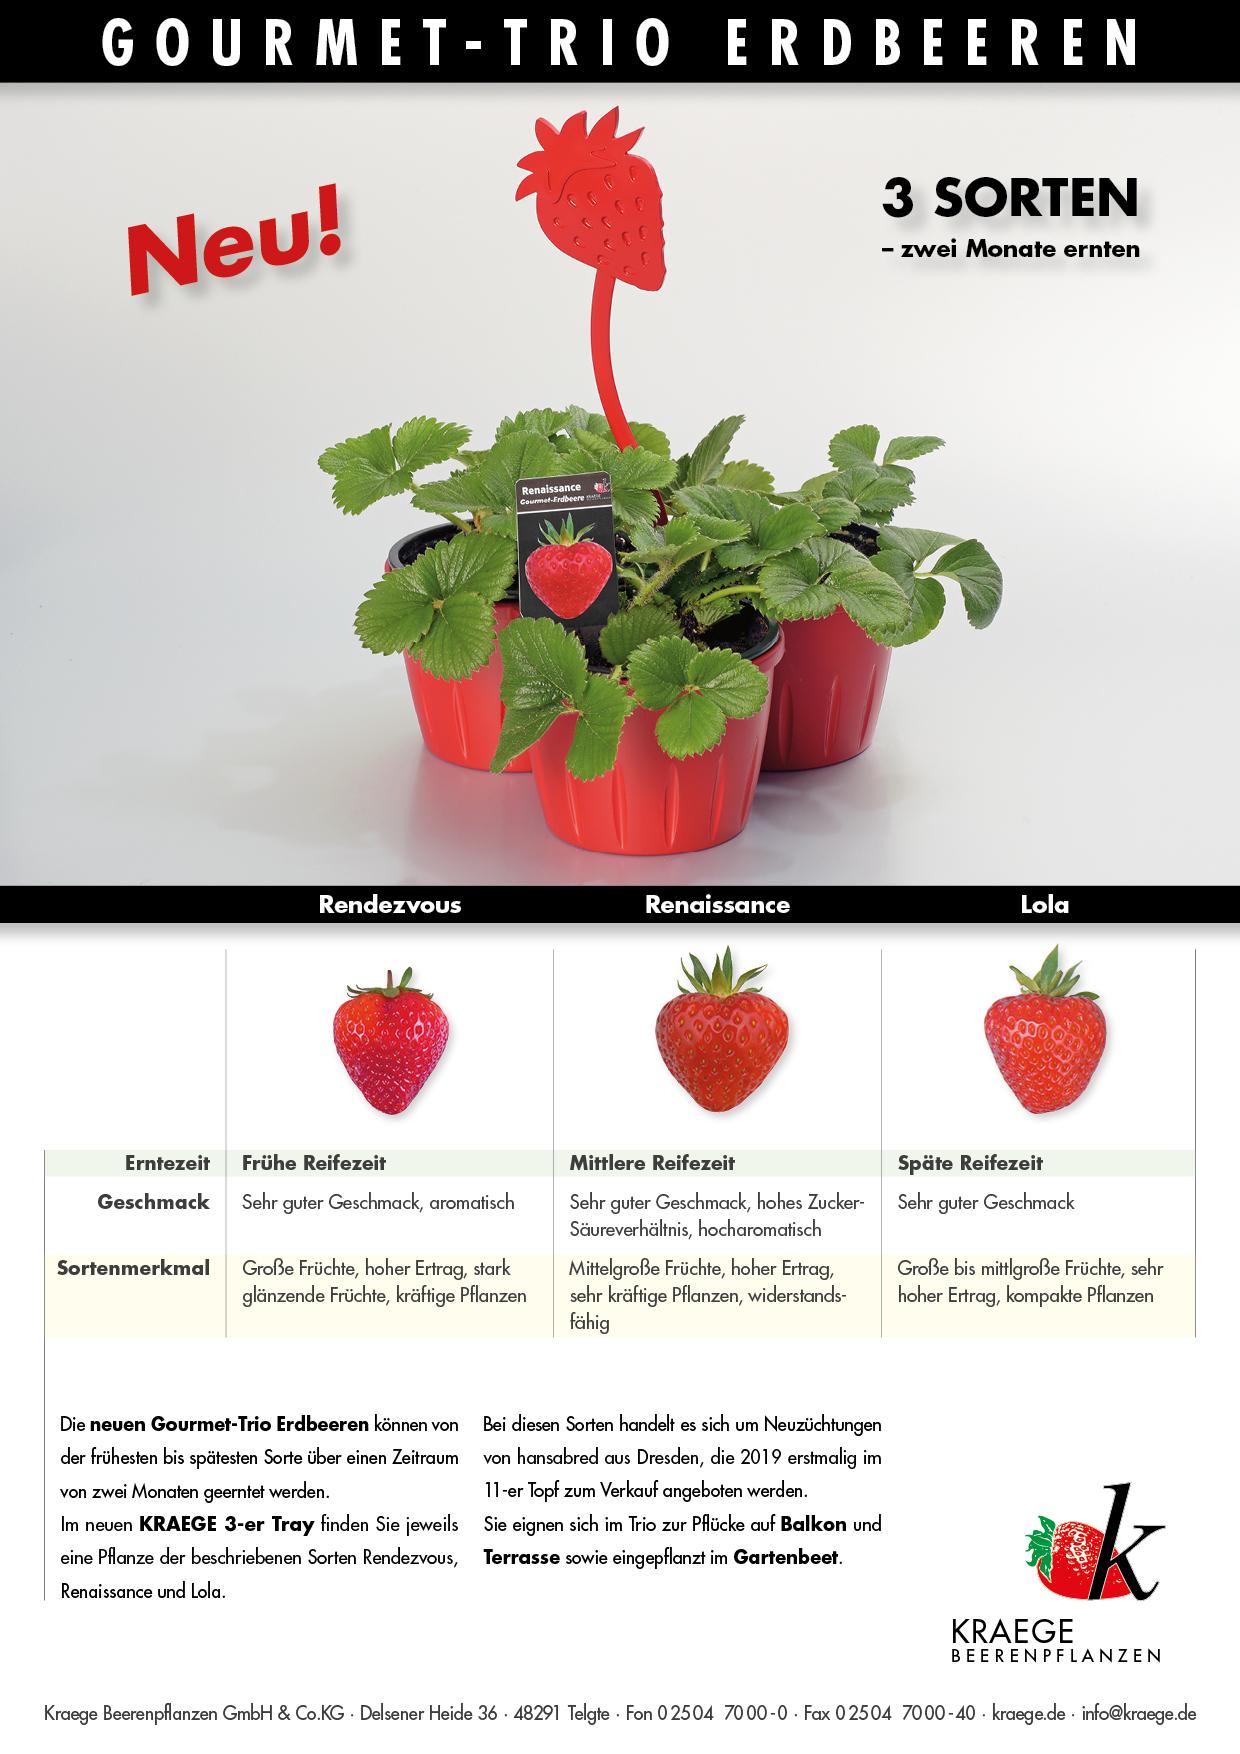 Erdbeerpflanzen Für Den Erwerbsgartenbau Kraege Beerenpflanzen